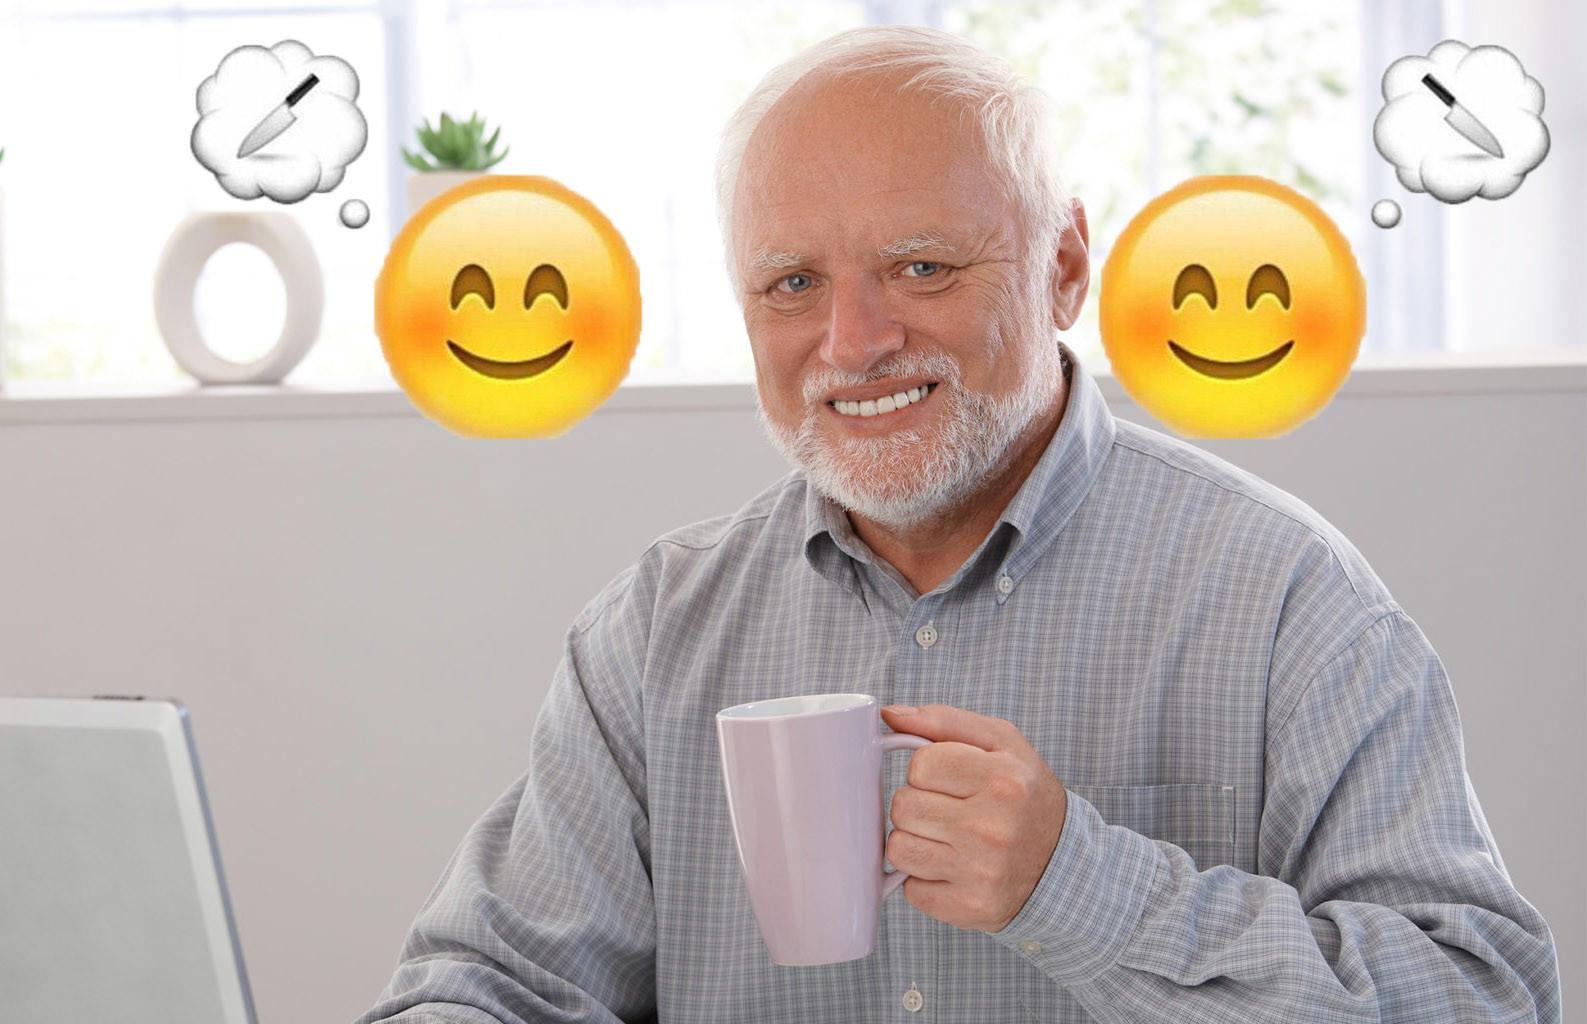 5 признаков, что «позитивное мышление» отравляет тебе жизнь